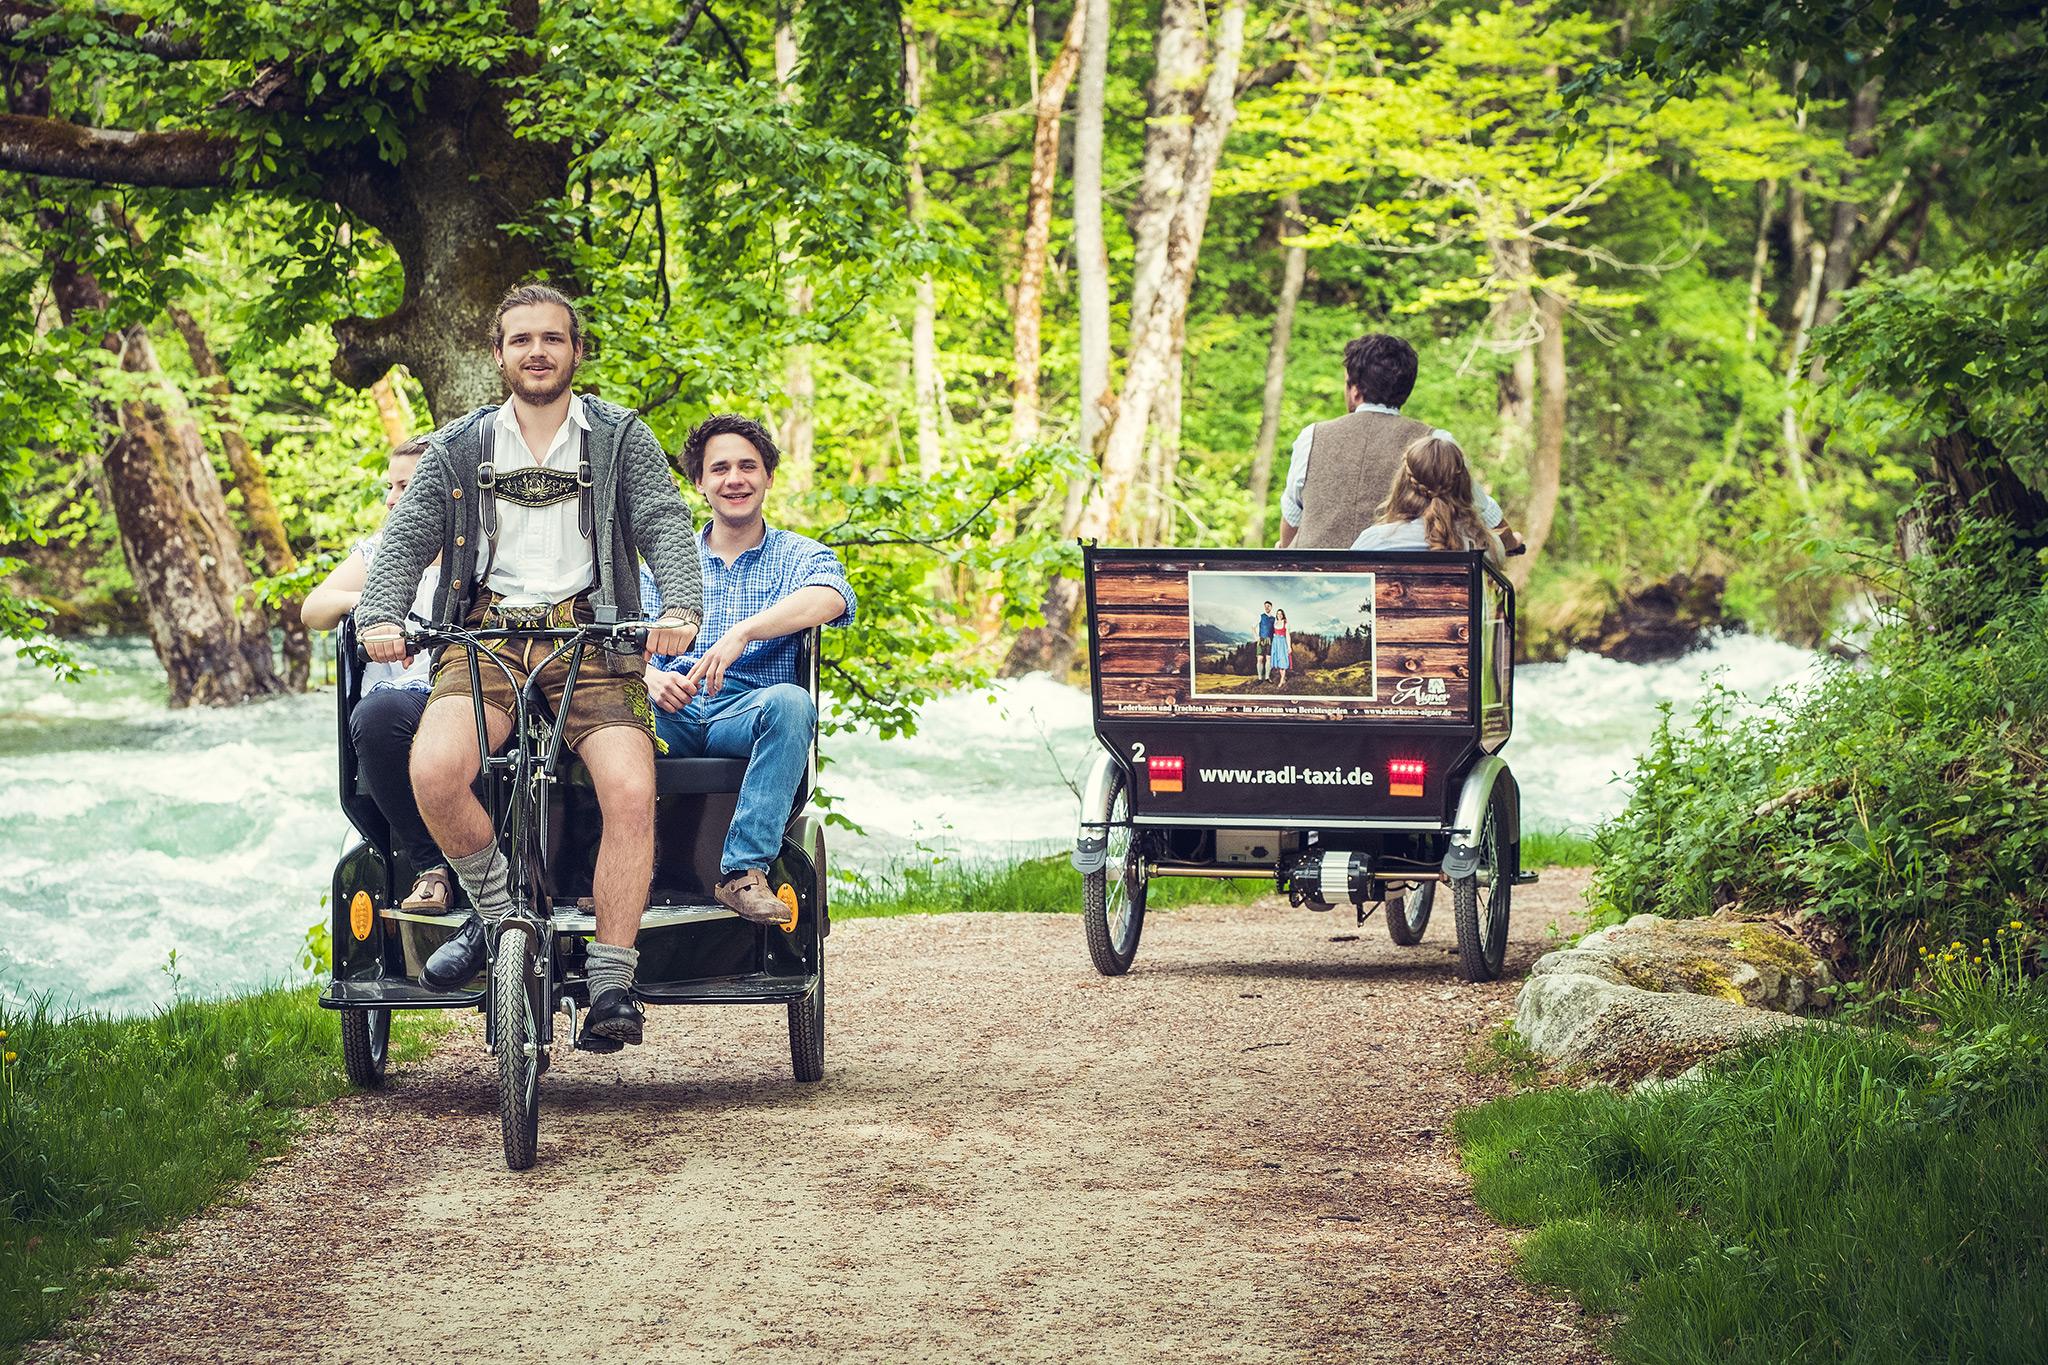 Radltaxi auf dem Königsseer Fußweg an der Königsseer Ache